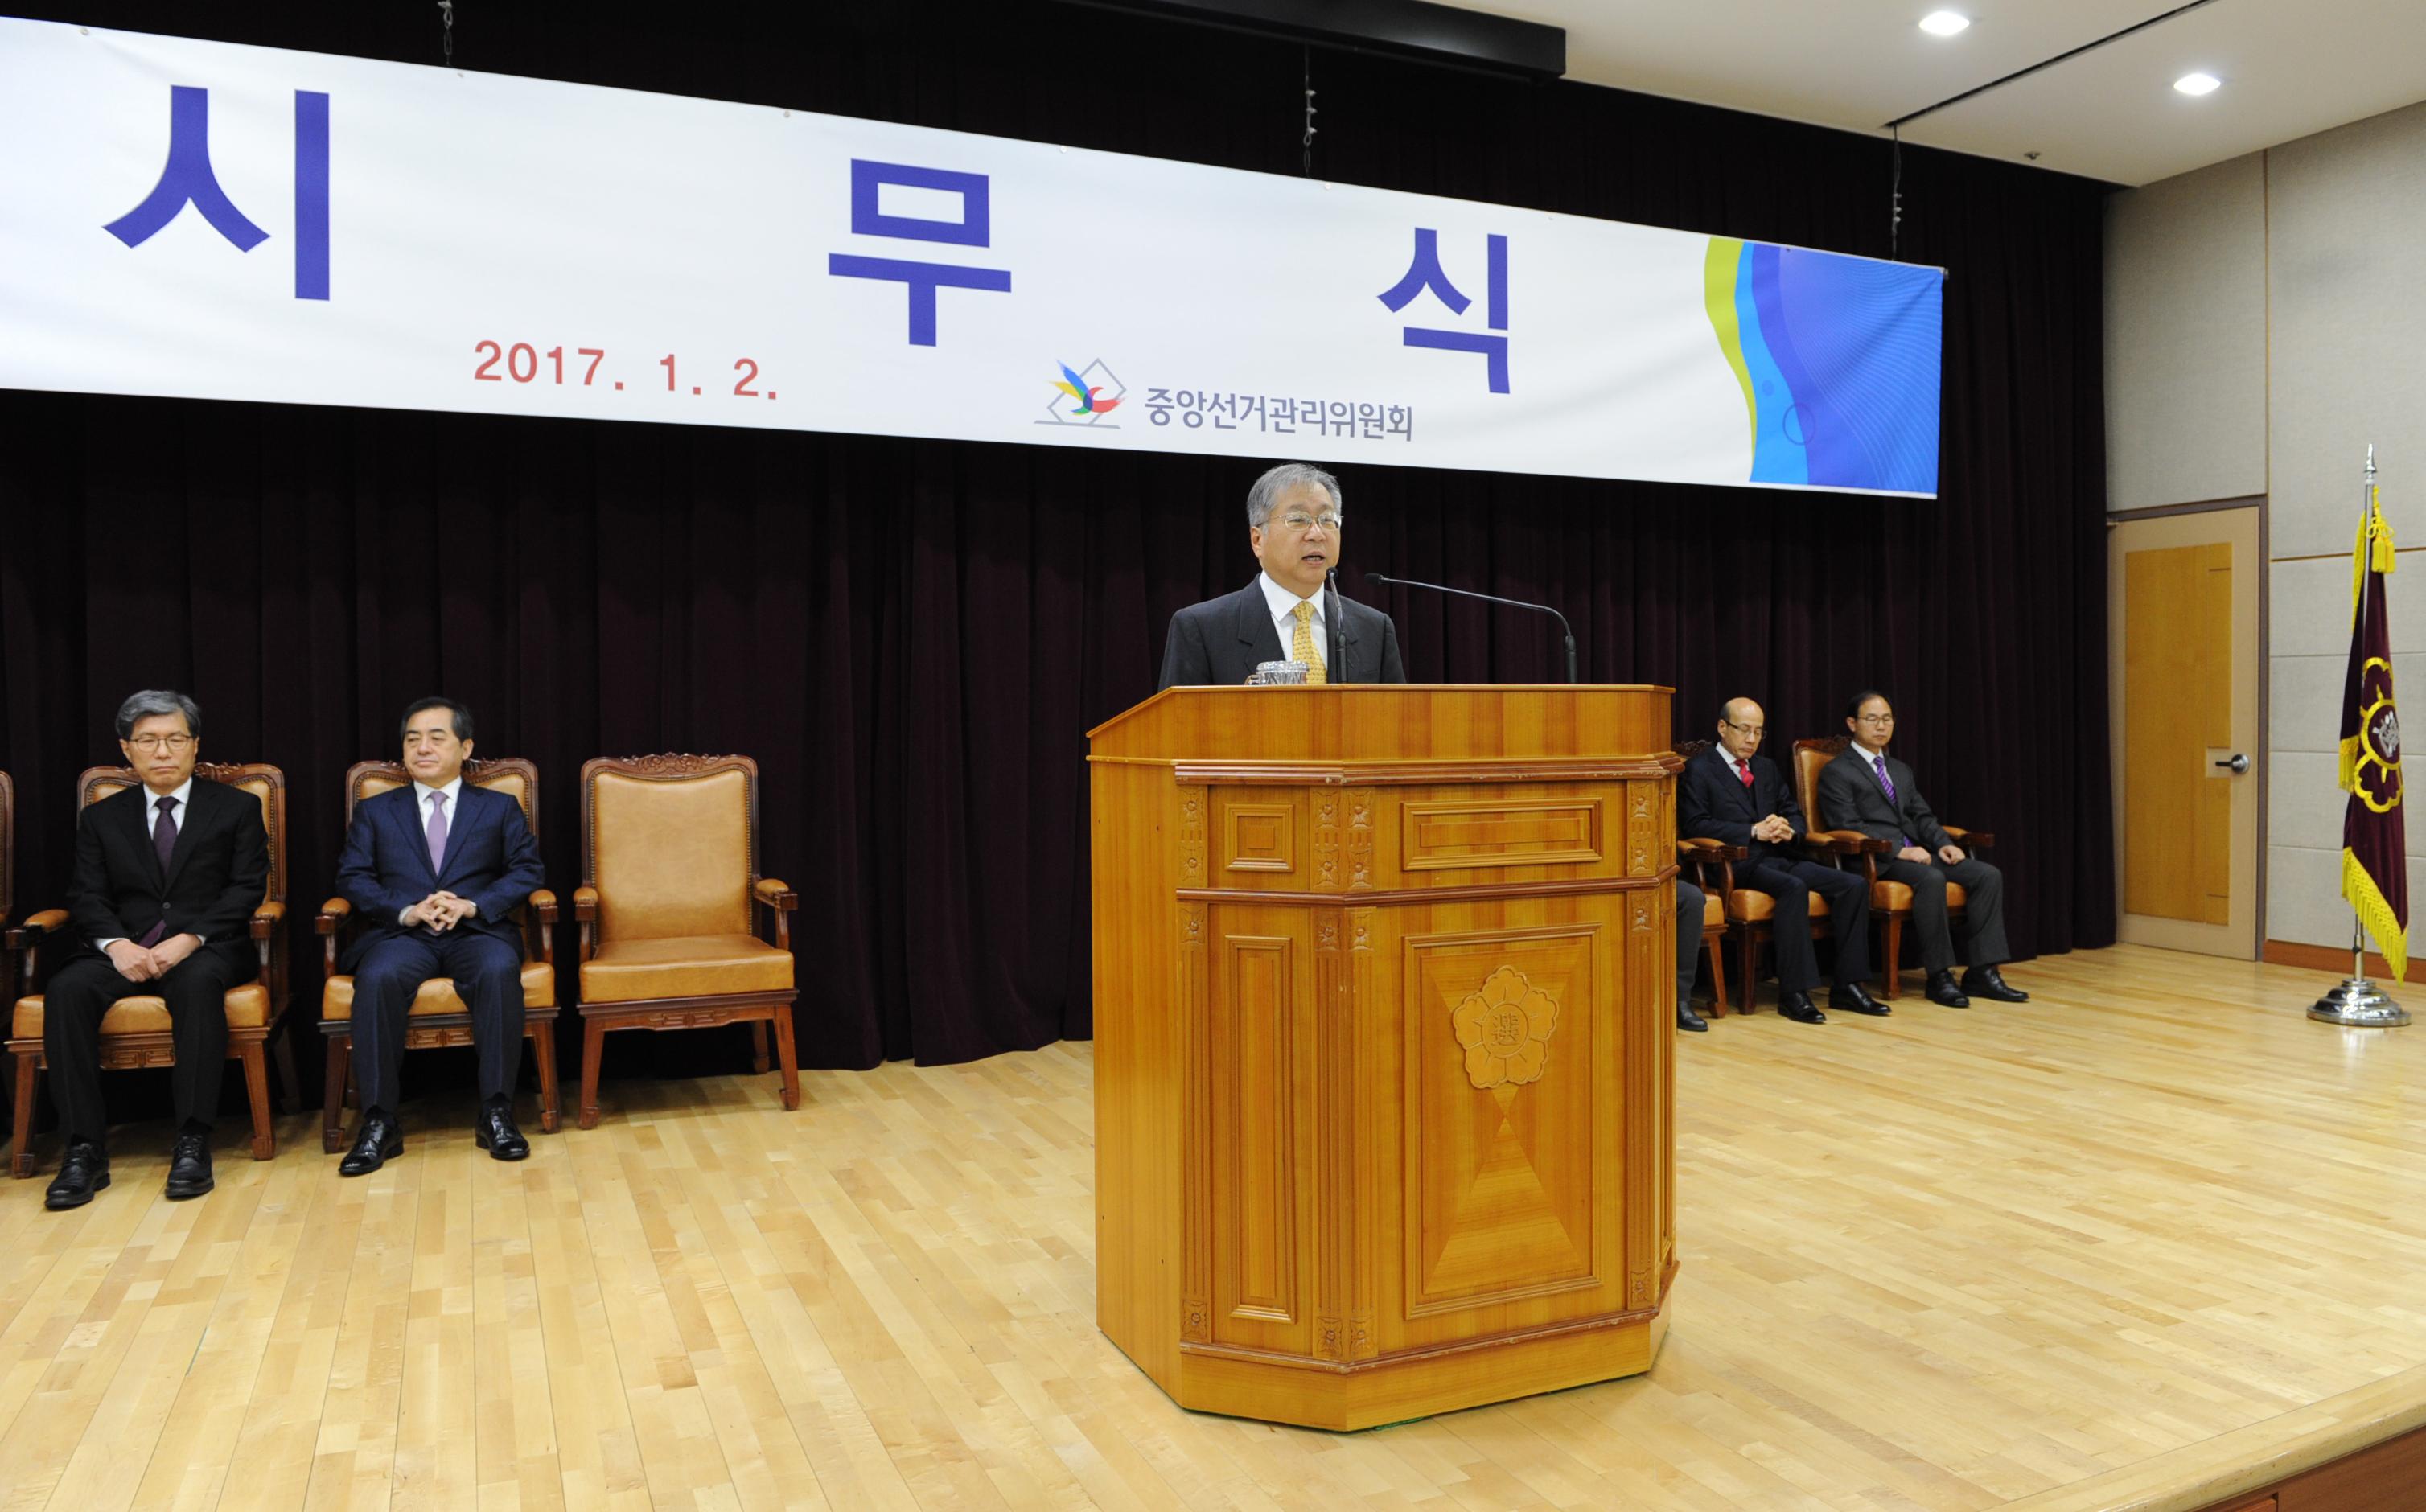 중앙선관위 2016년도 시무식 개최 관련이미지1